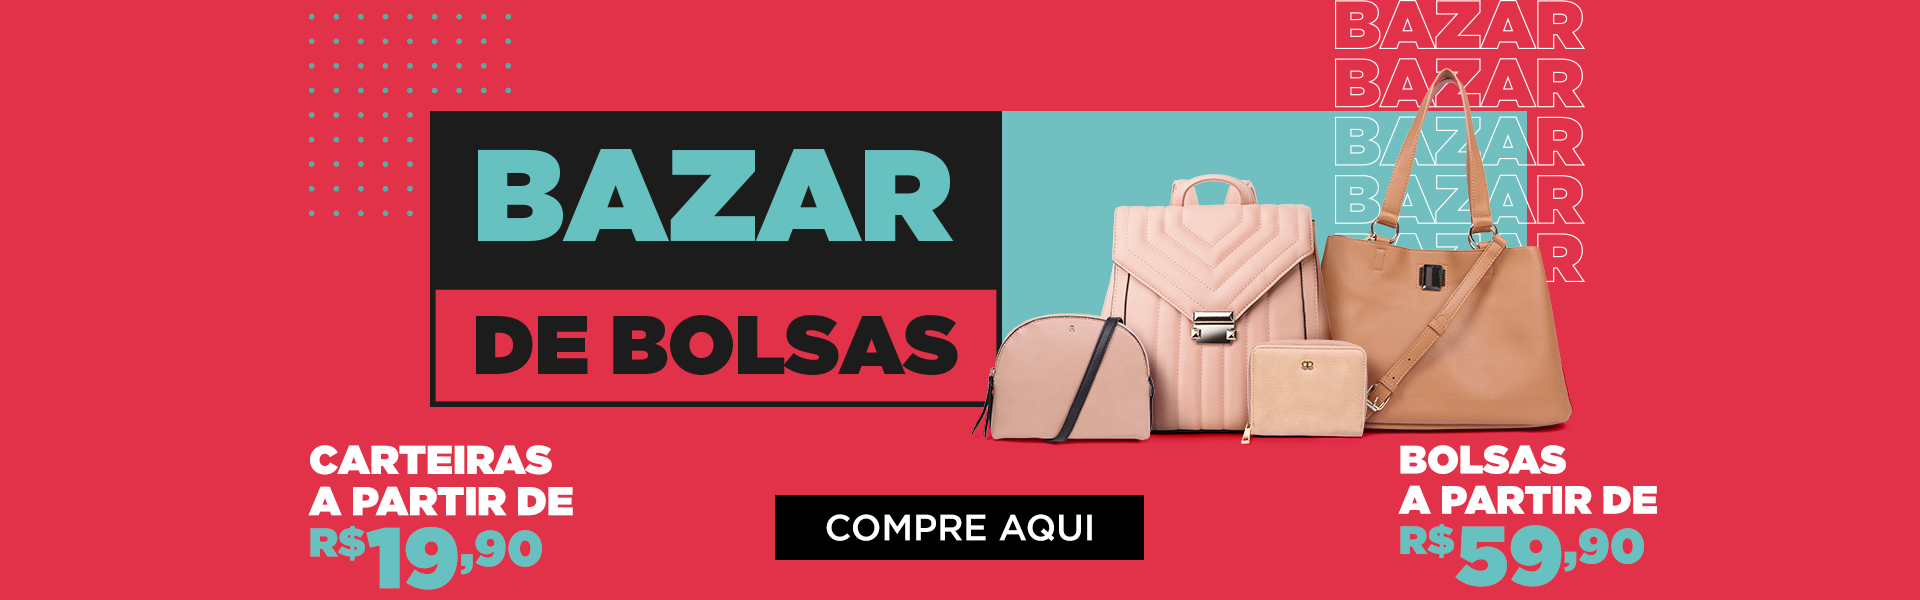 Banner Bazar de Bolsas